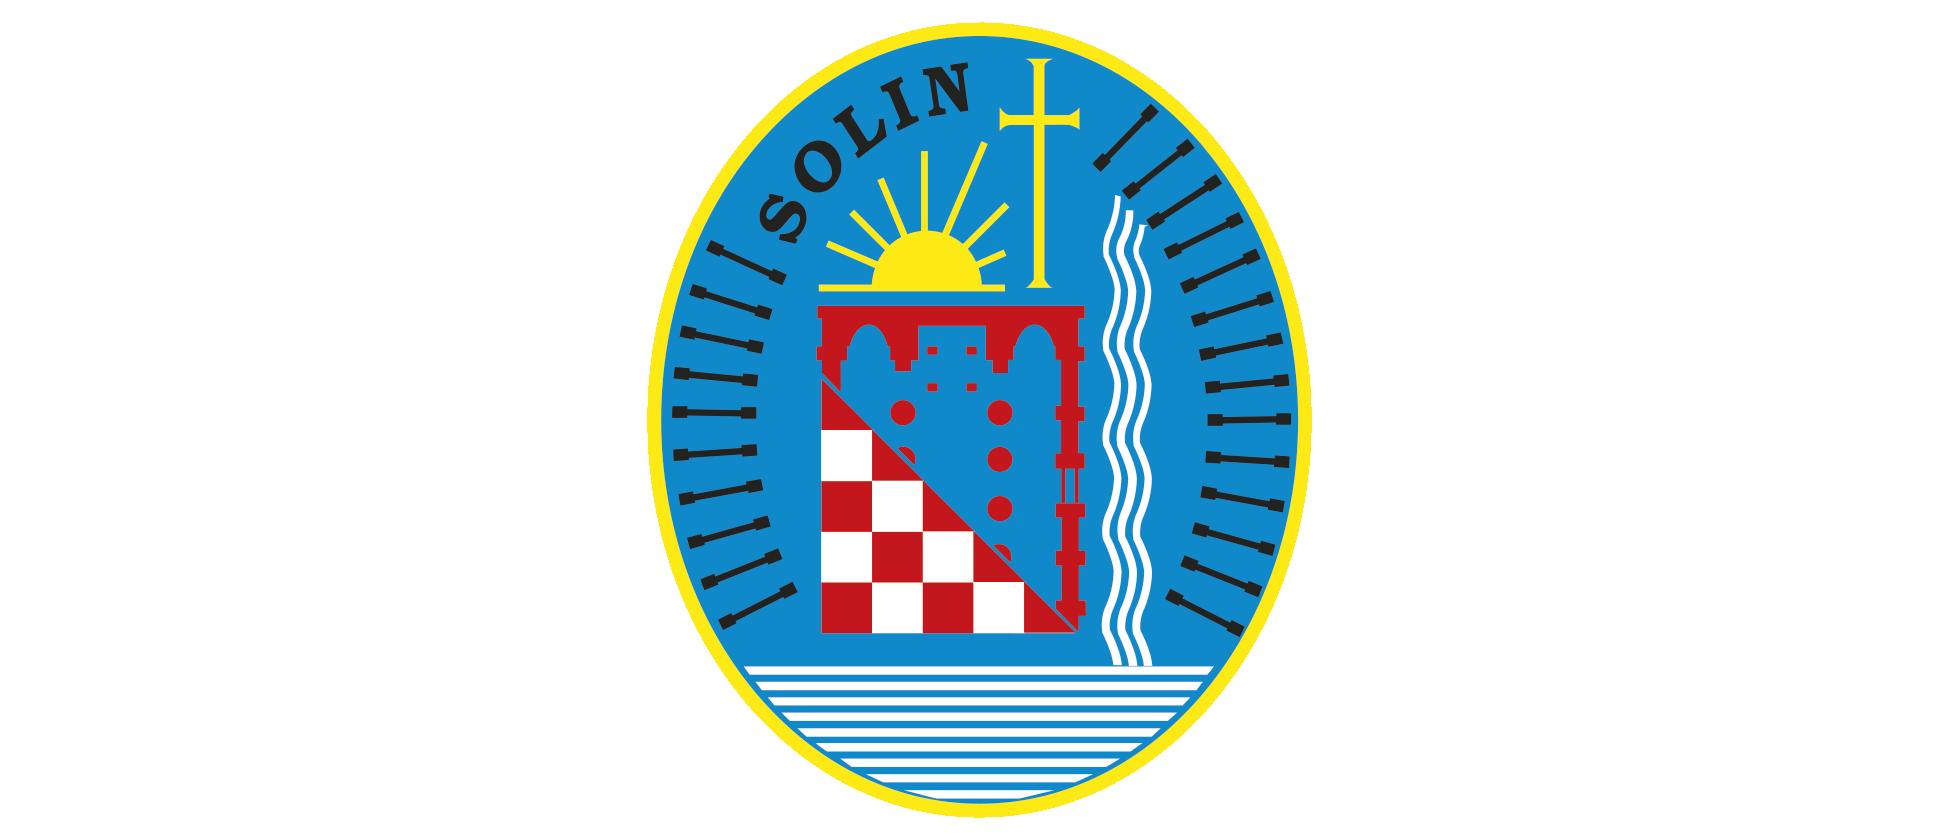 STM21_SPONZORI_CMYK_0004_17